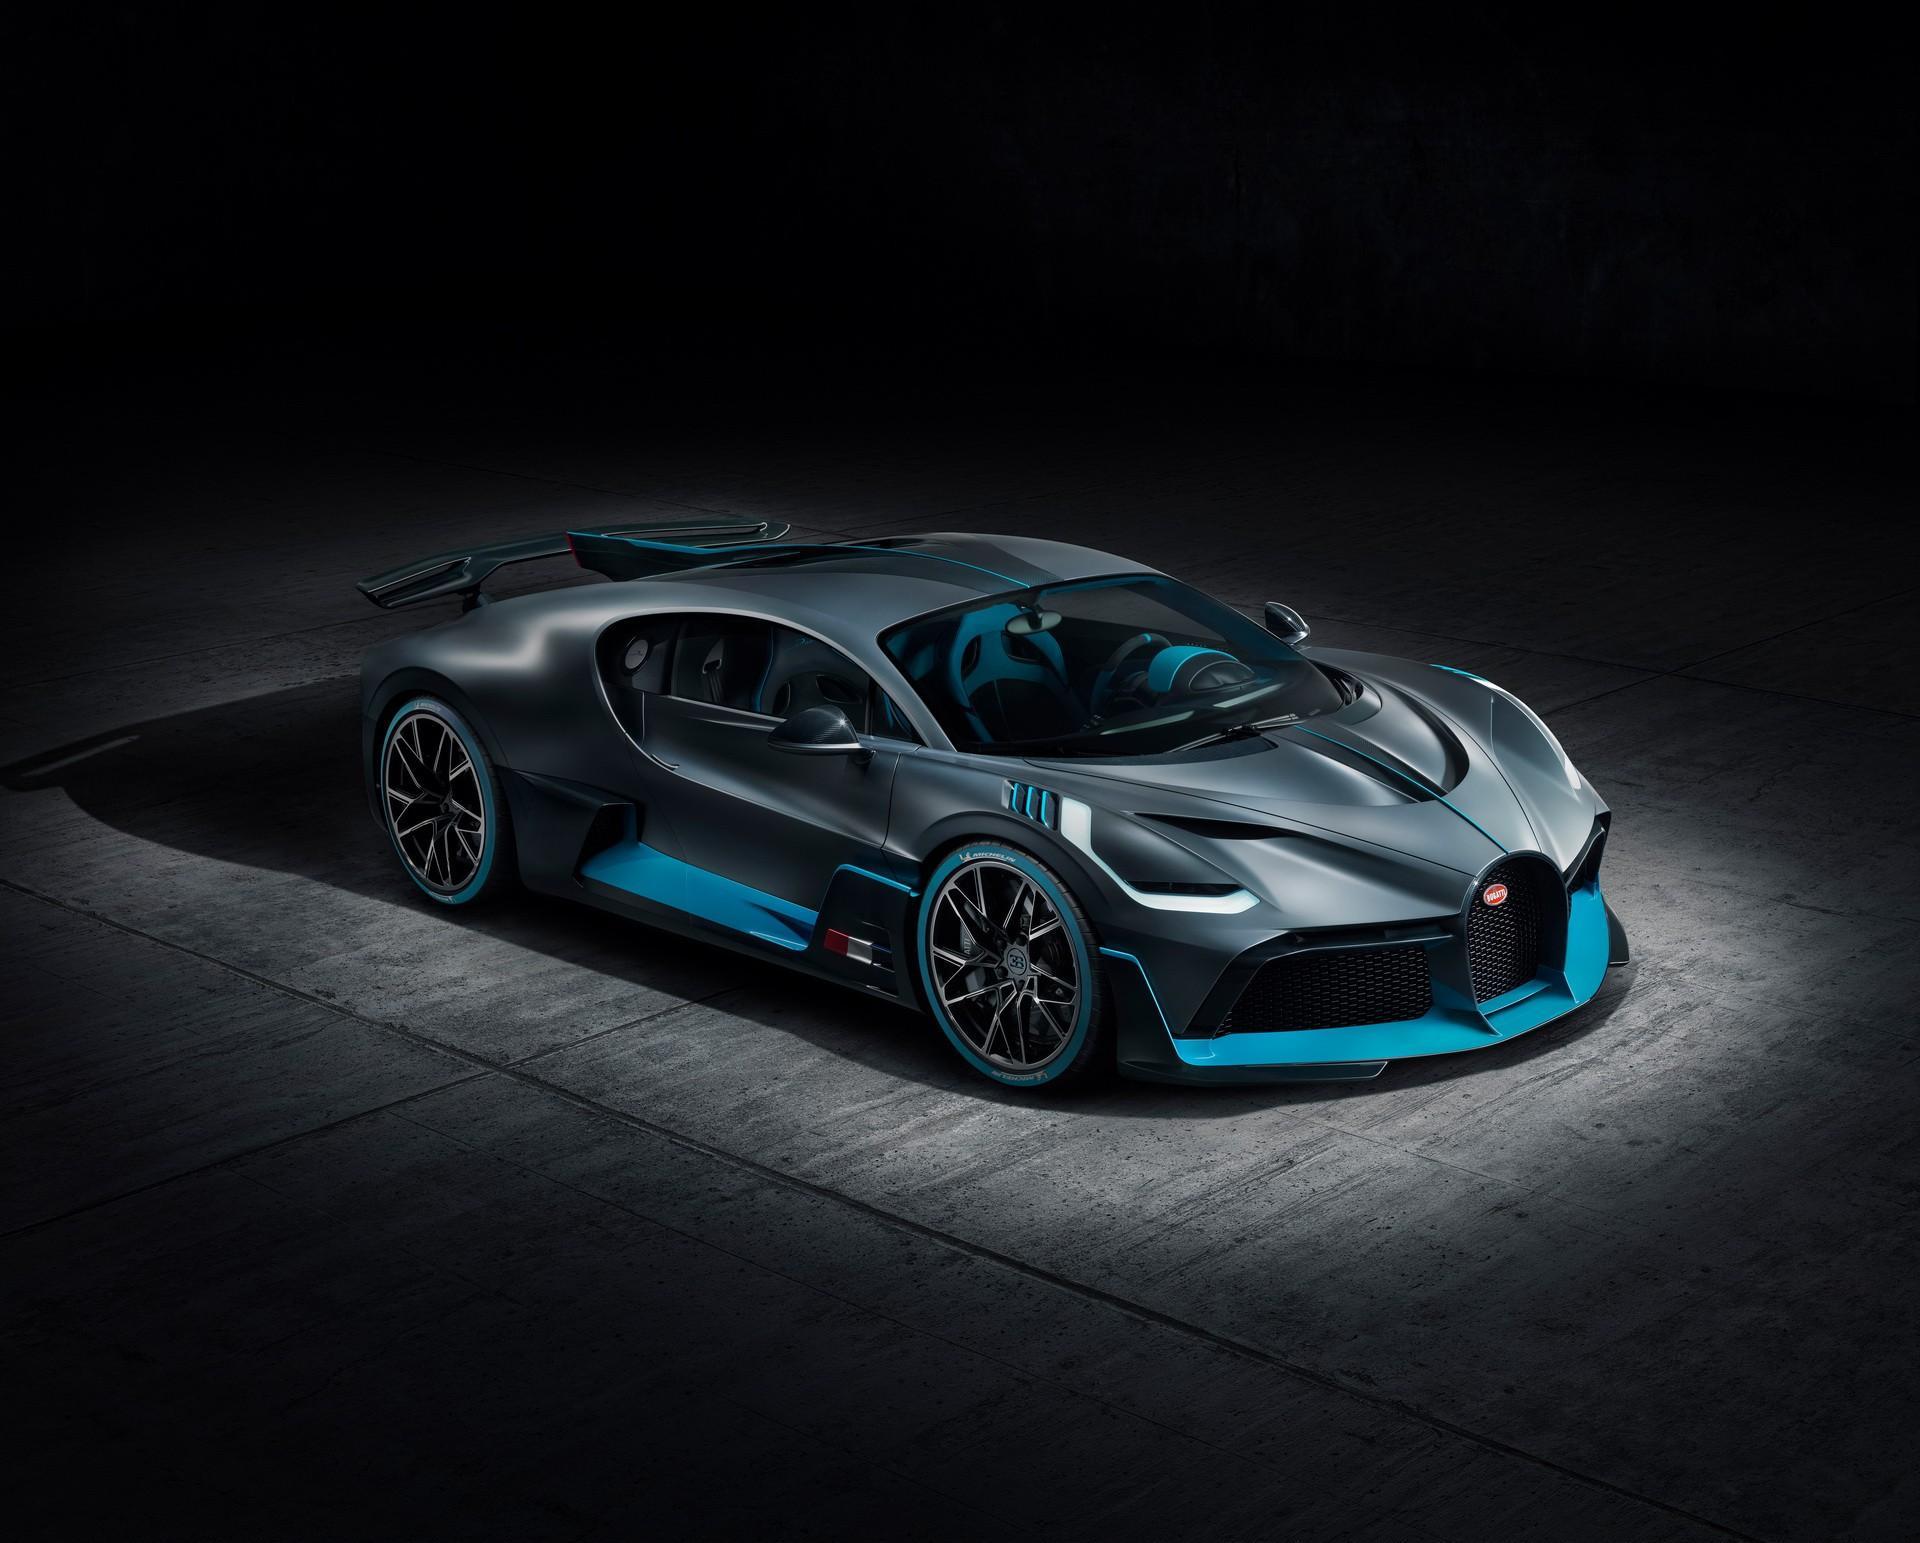 Mẫu Bugatti Divo đầu tiên sẽ được bán ra với mức giá hơn 5,4 triệu USD Ảnh 2